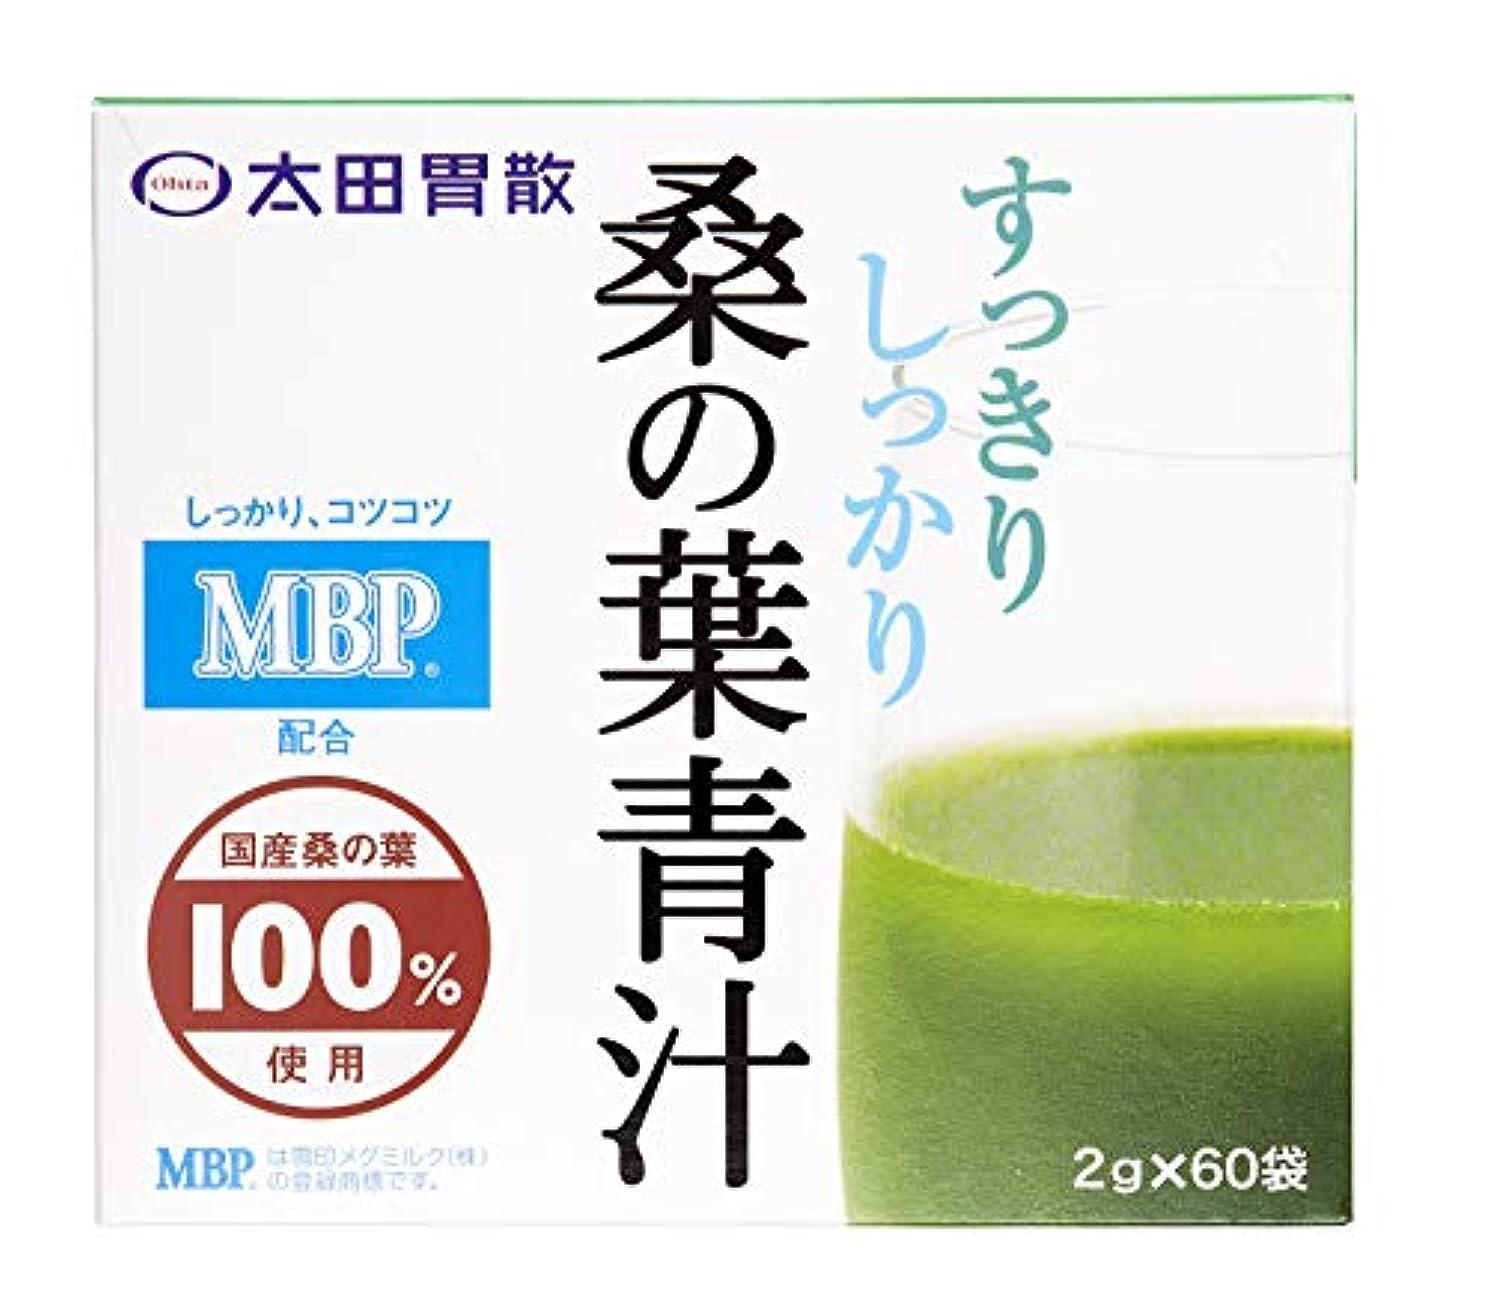 事件、出来事母性キャップ太田胃散 桑の葉青汁 60袋入り(2g×60袋)